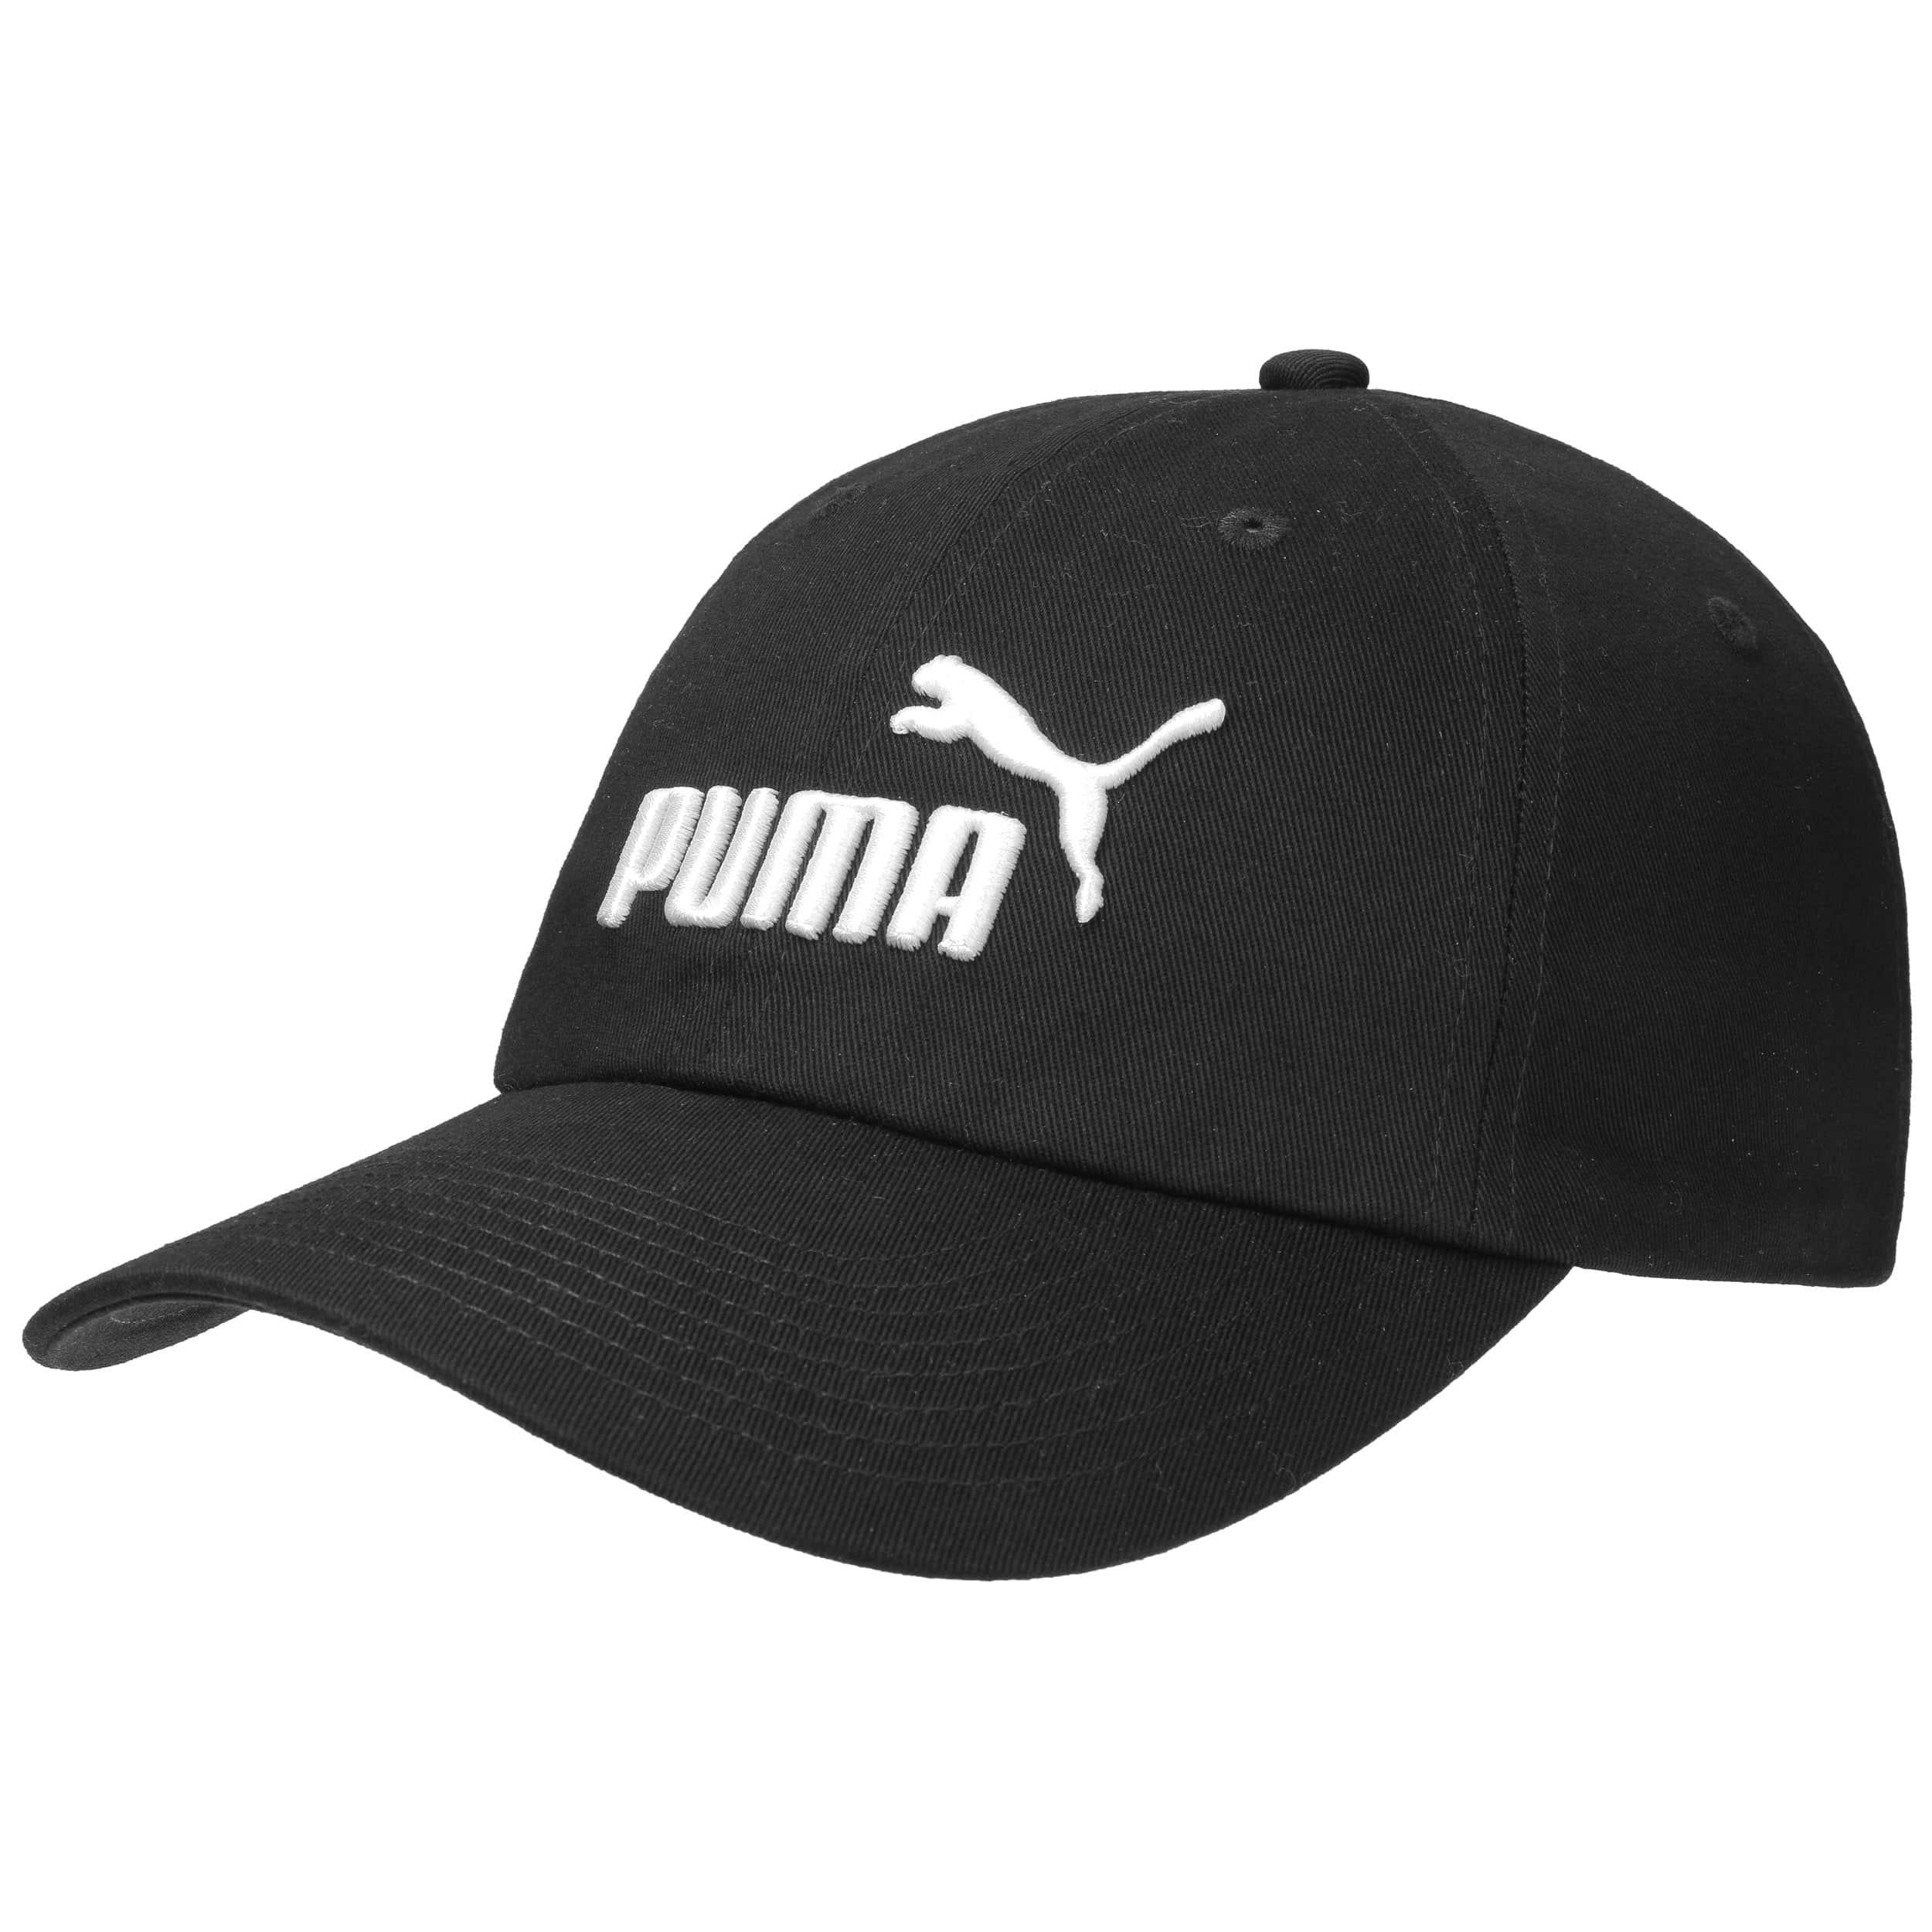 8d0a81c822b ... coupon 1 baseball cap by puma 5 9de04 ffbca